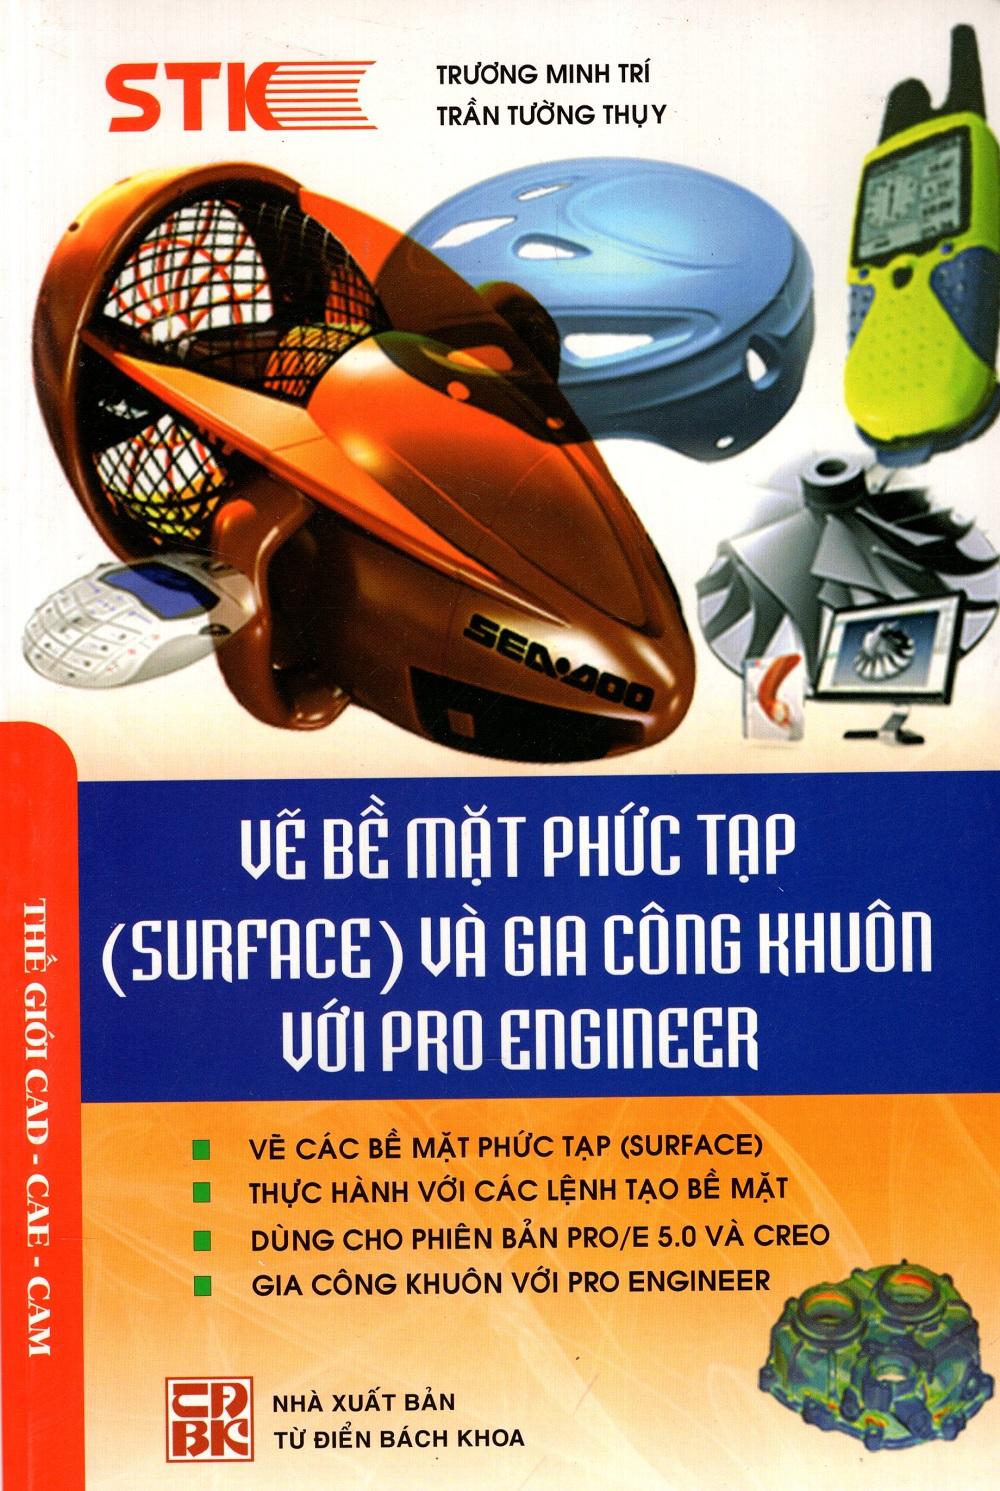 Vẽ Bề Mặt Phức Tạp (Surface) Và Gia Công Khuôn Với Pro Engineer